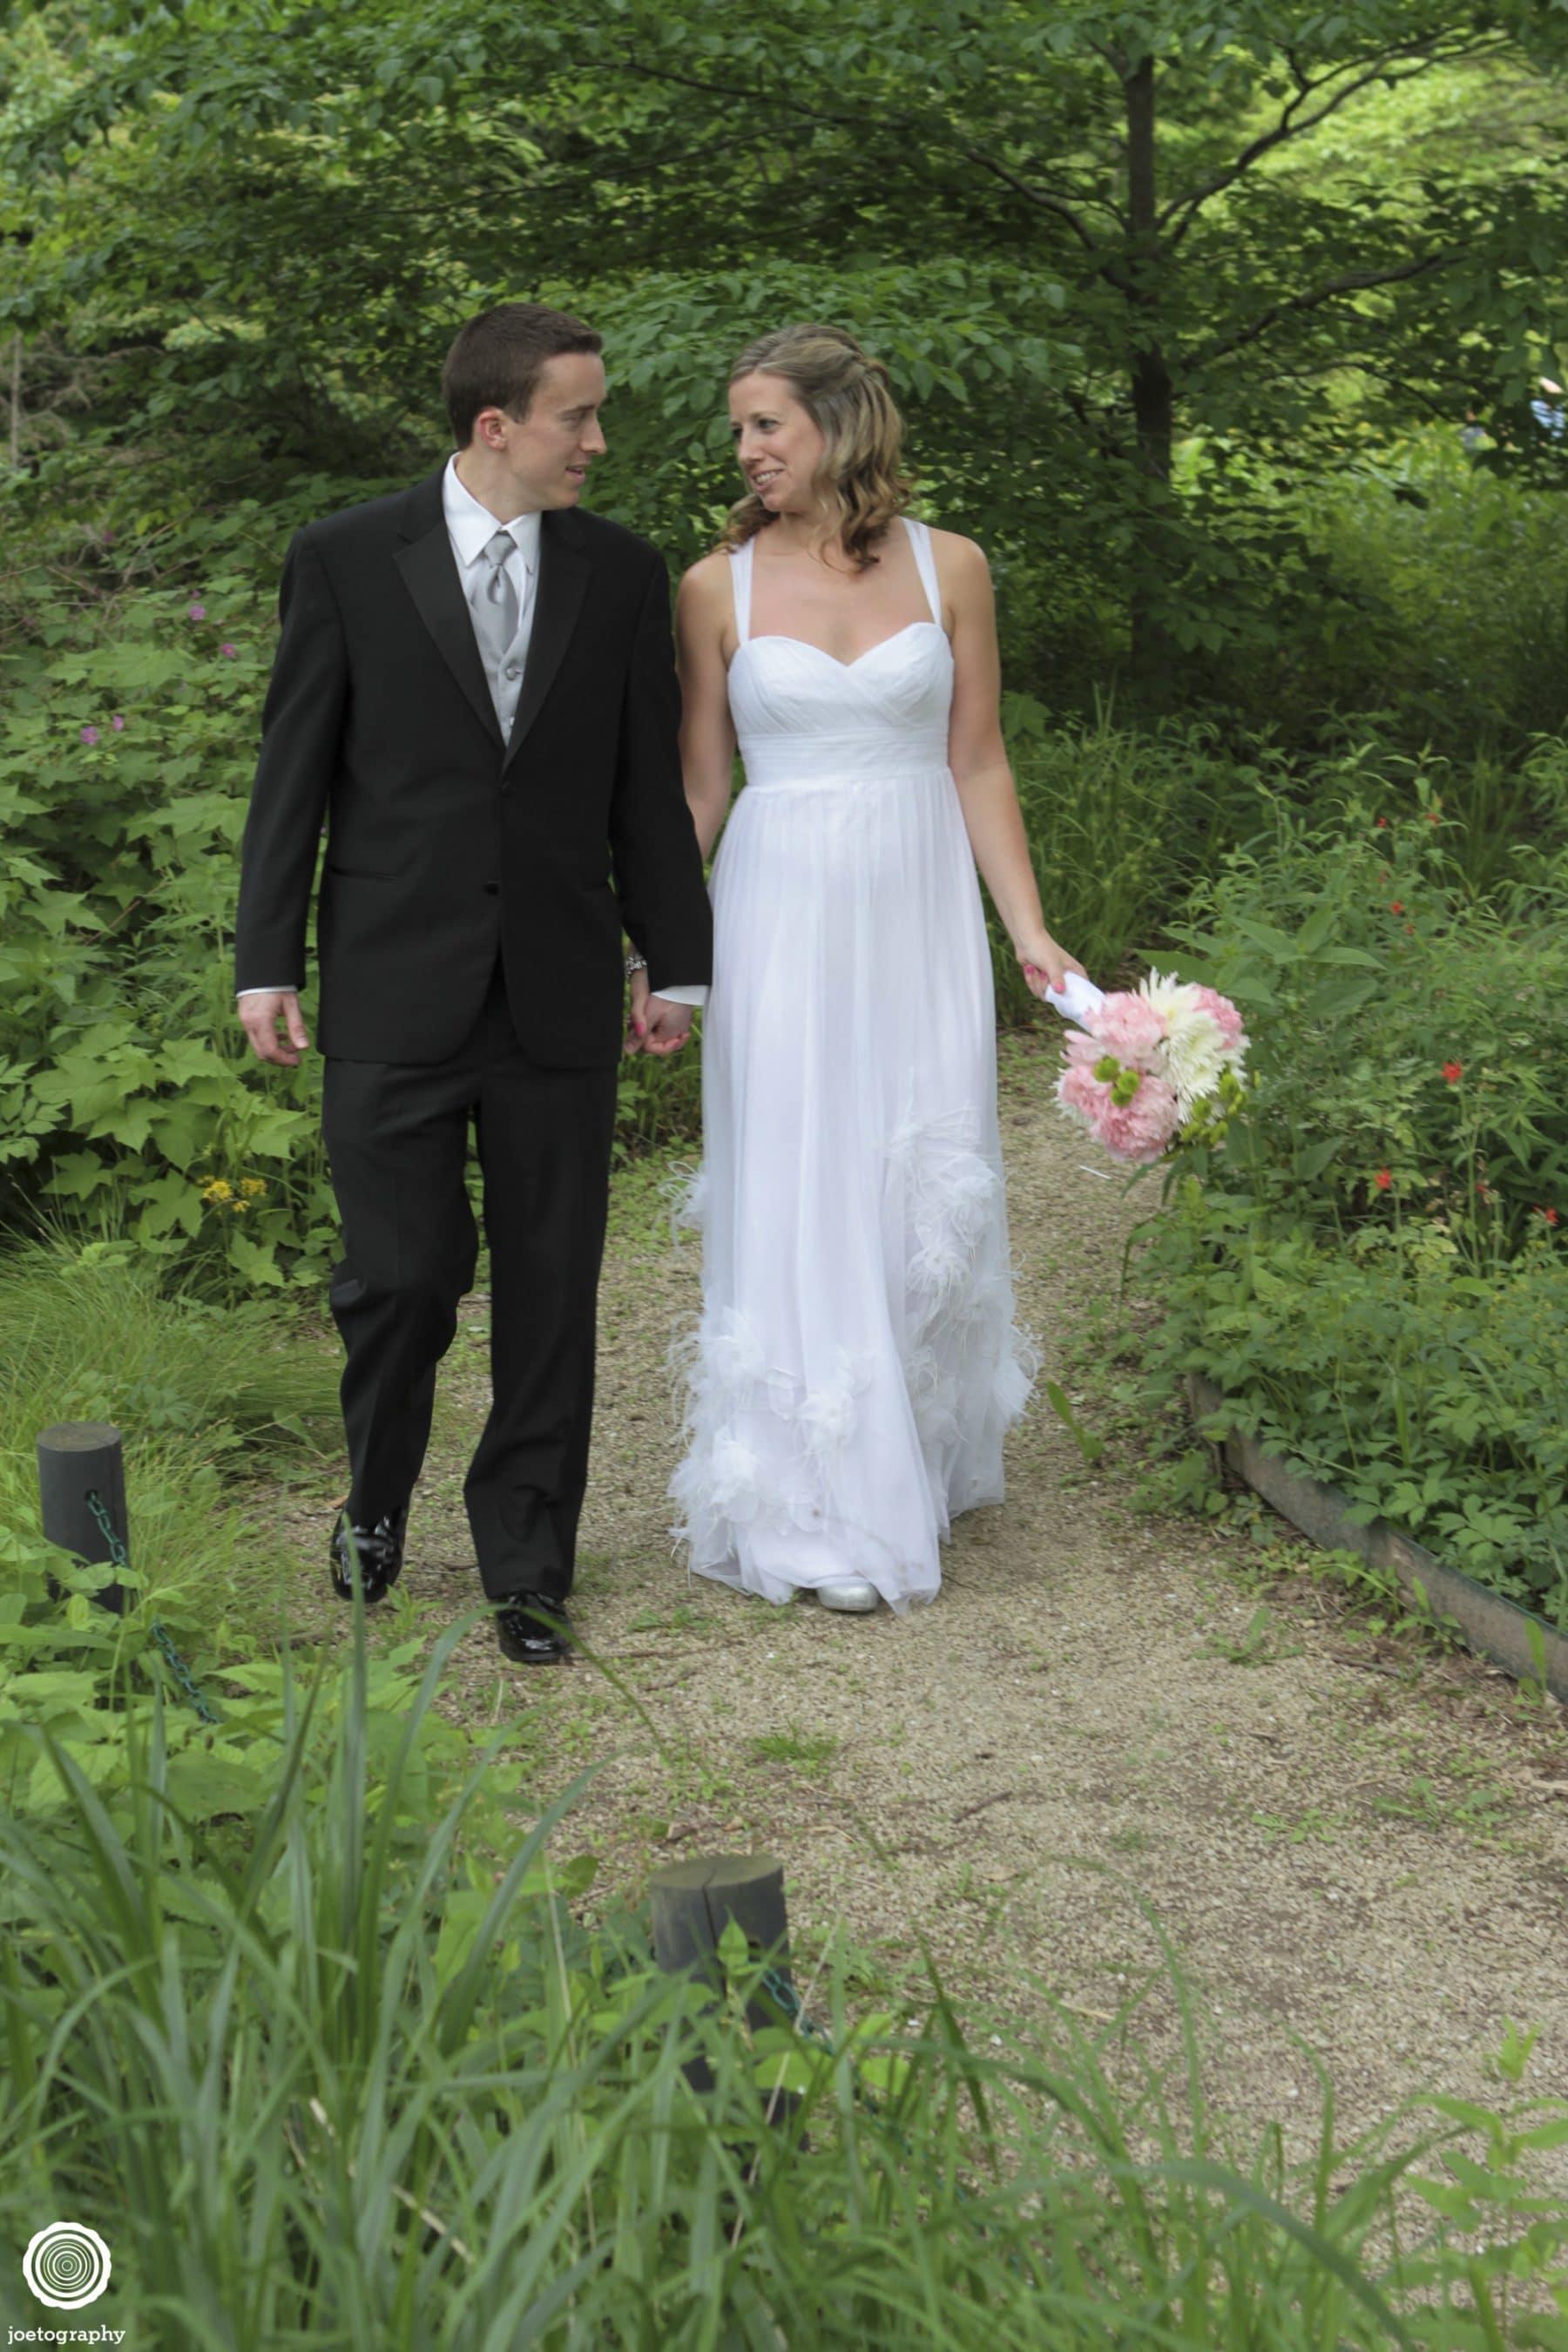 Nixon-Wedding-Photographer-Indianapolis-Indiana-24